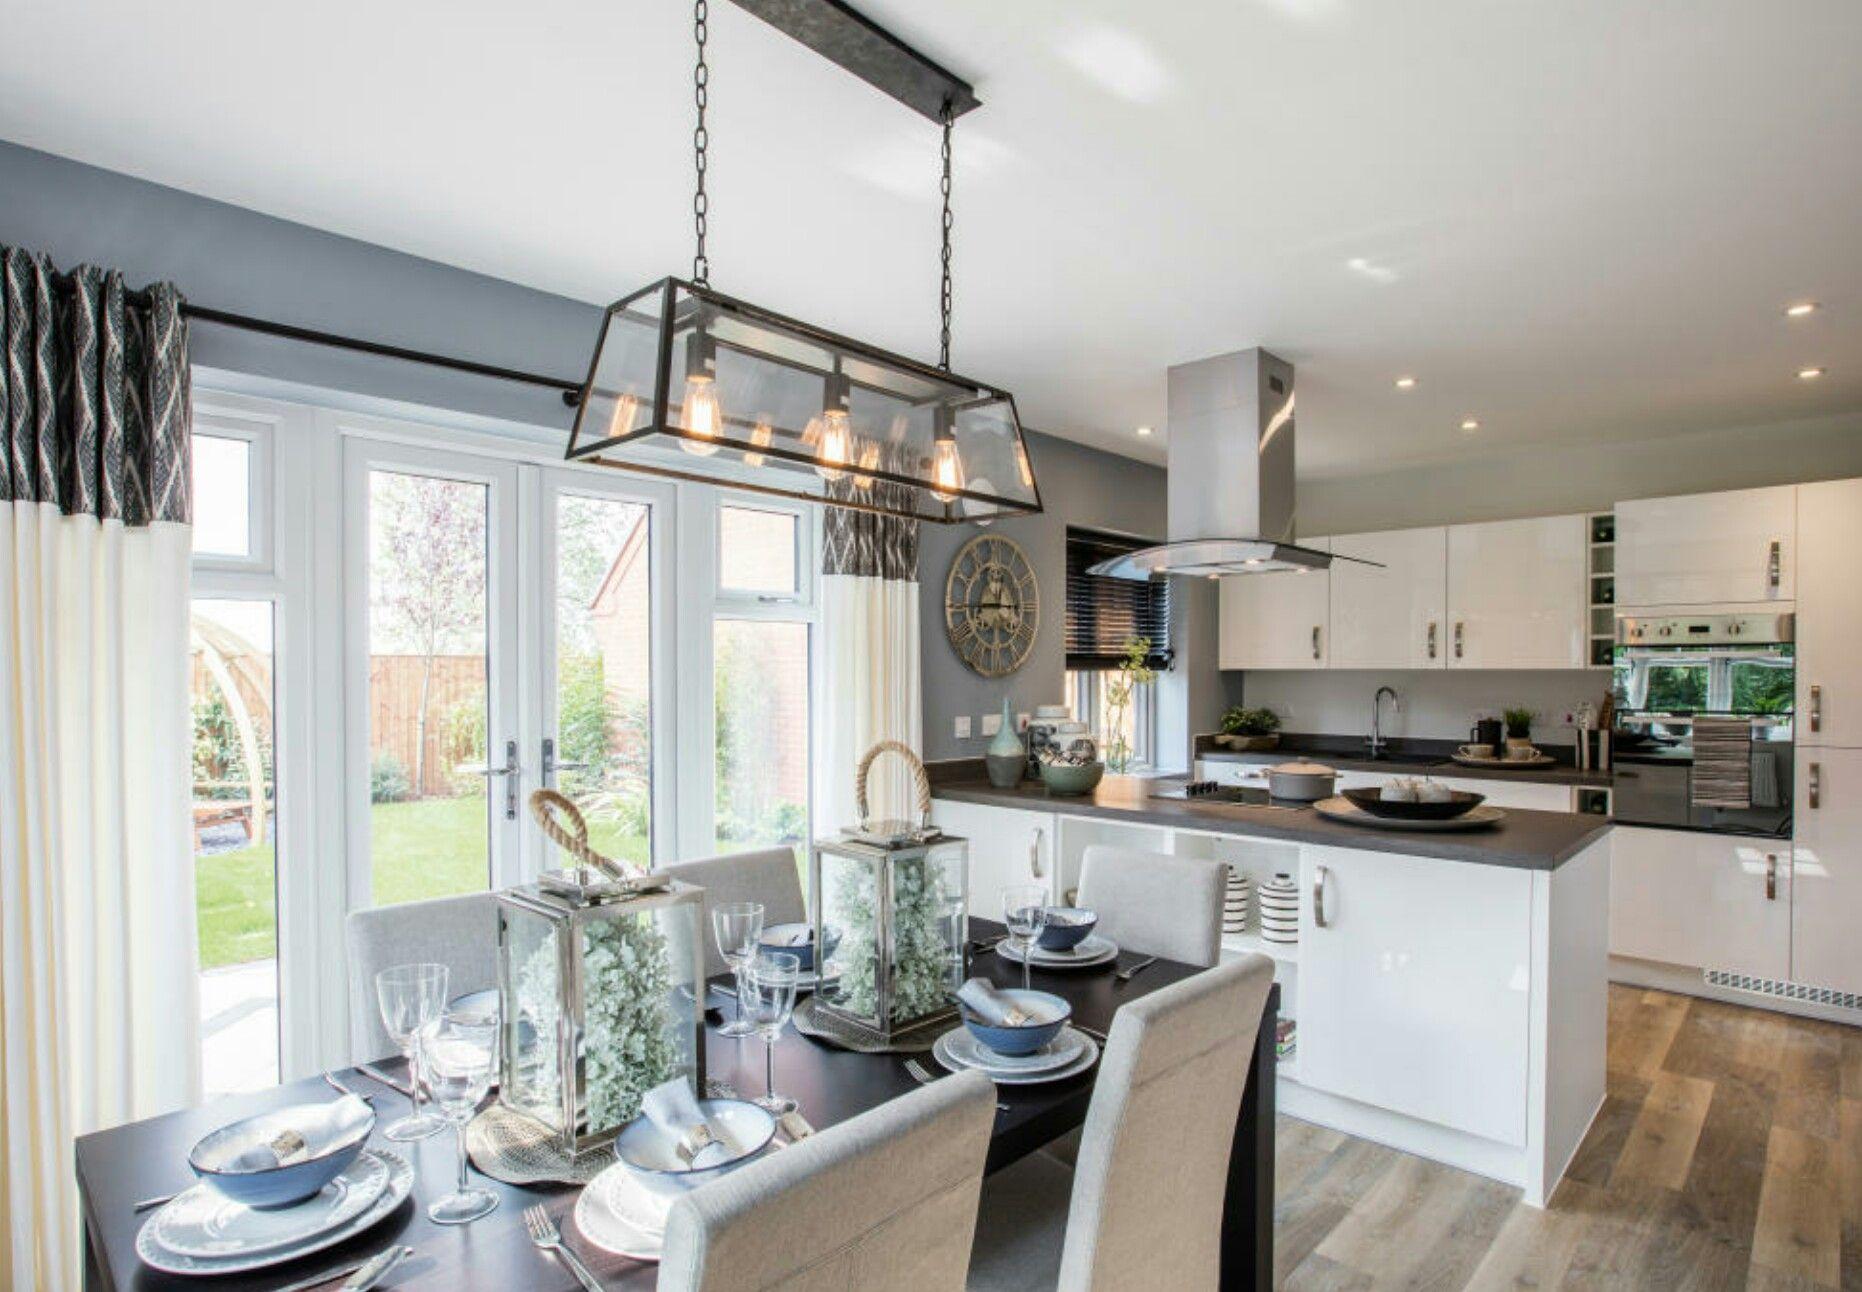 Interior Designed Showhome. Modern open plan kitchen